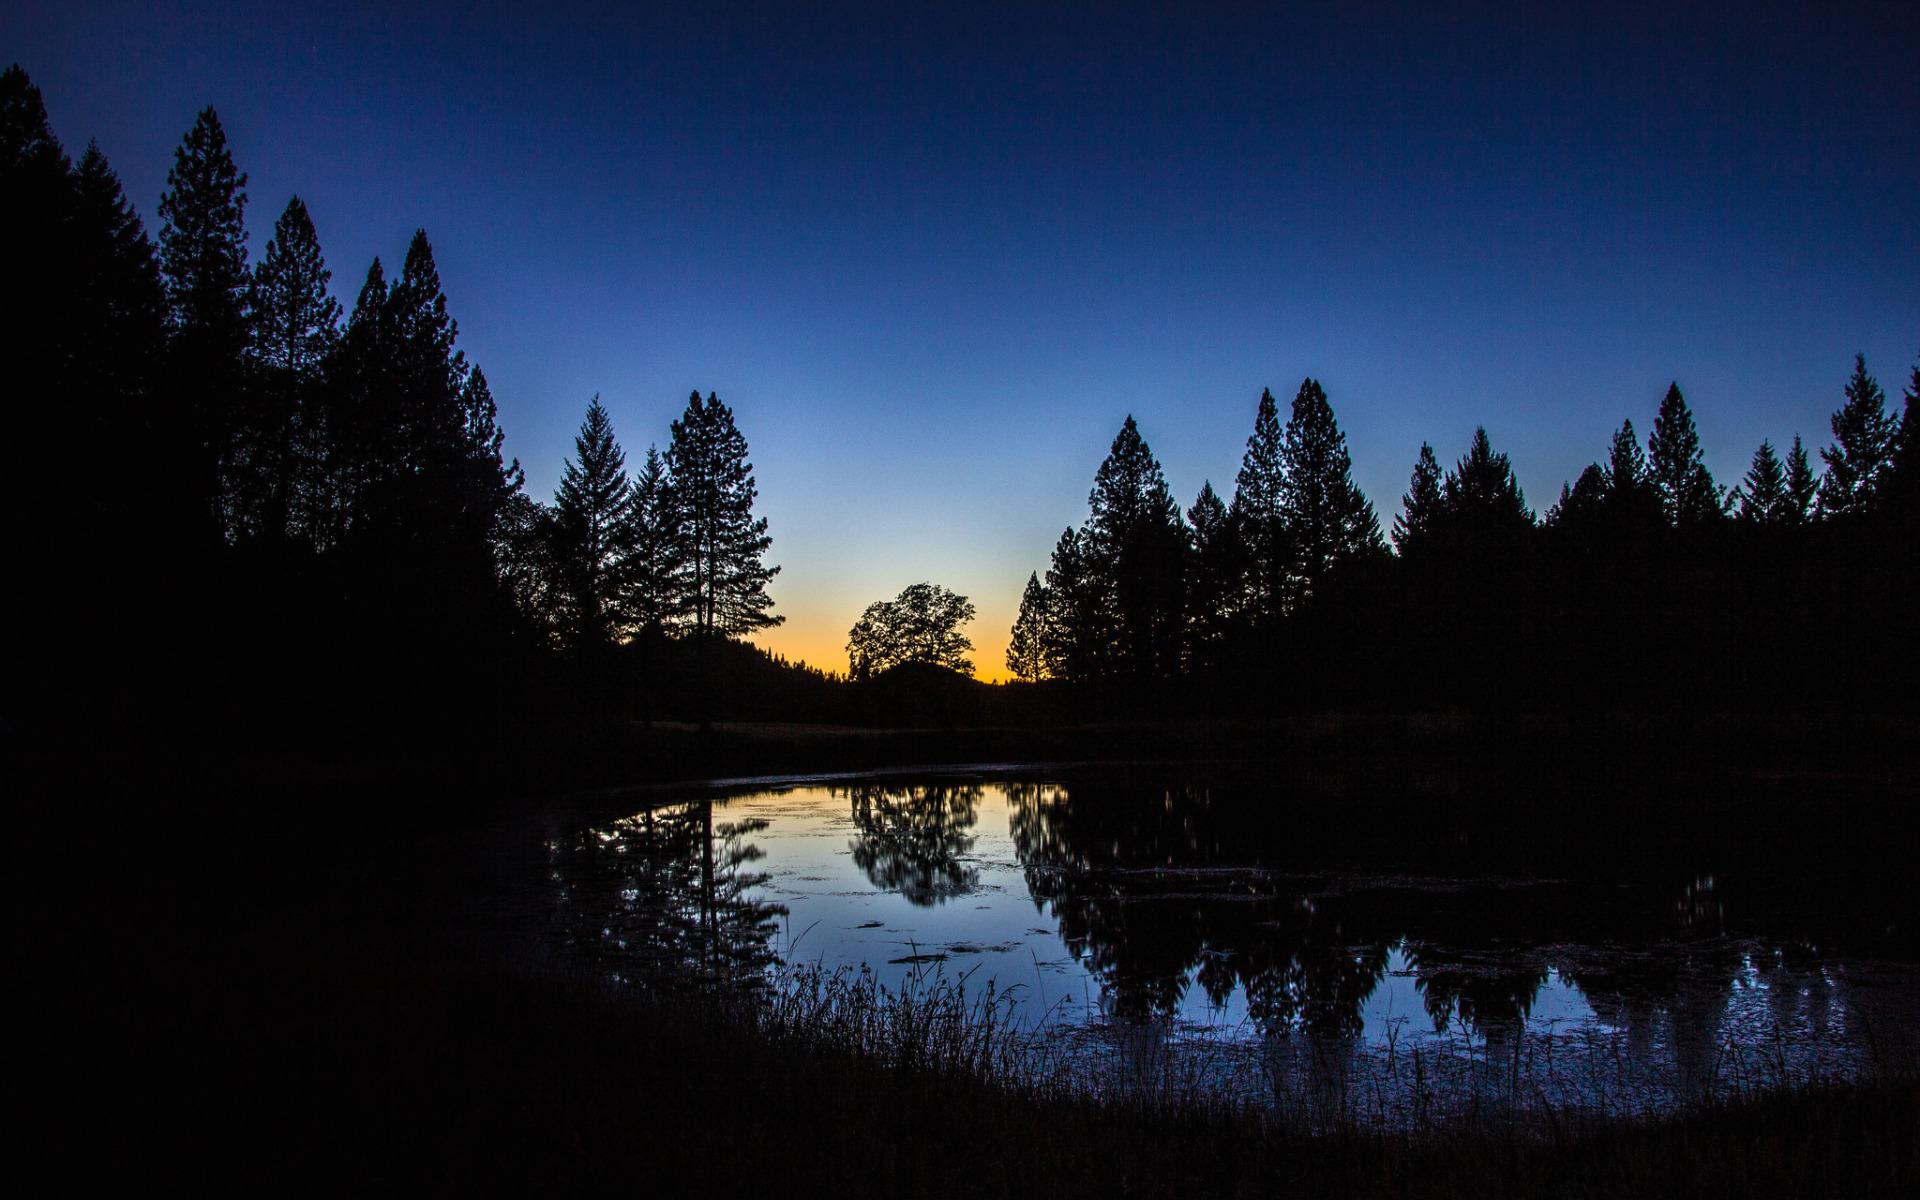 озеро в лесу на закате  № 380176 бесплатно